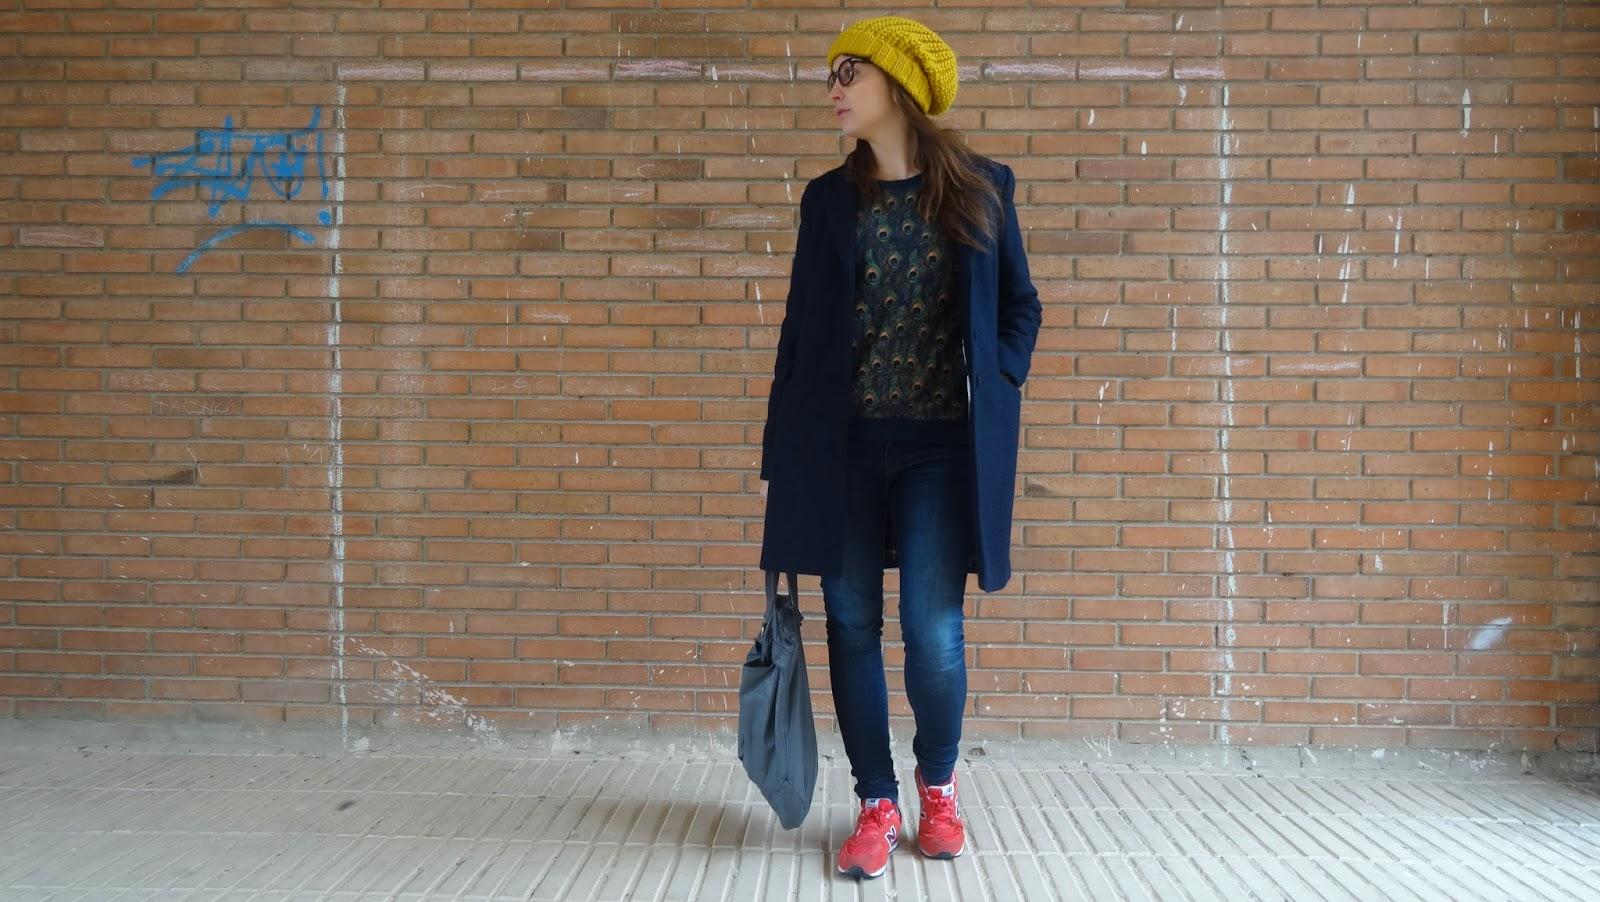 Combinación perfecta para este invierno abrigo navy de Zara, sudadera con print animal de Bellfield y zapatillas new balance